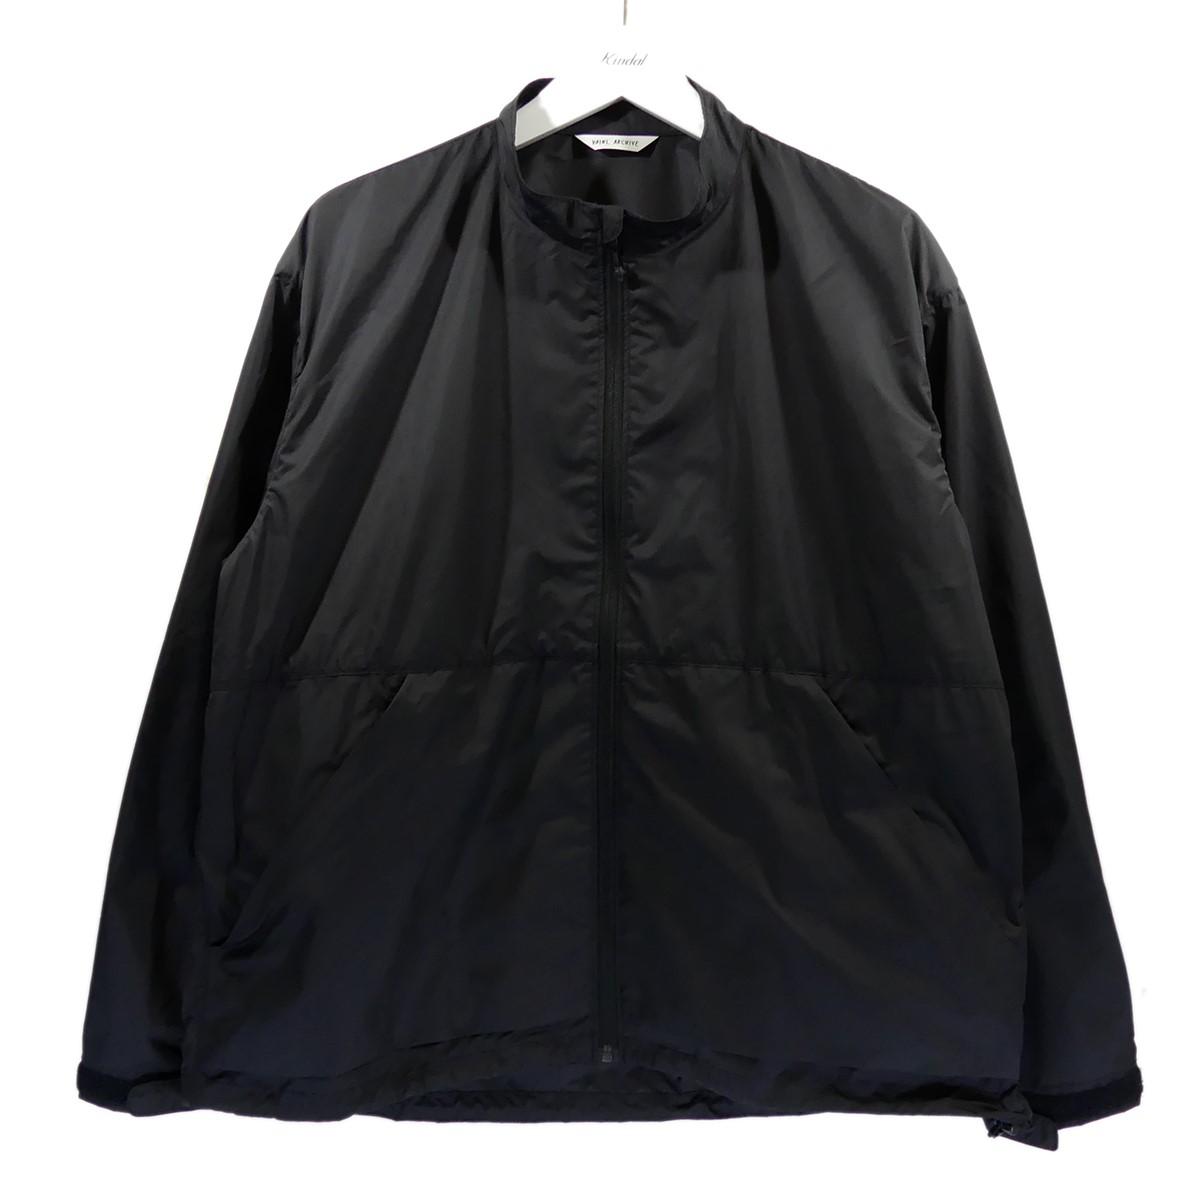 【中古】VAINL ARCHIVE 2020SS WB-JKT ジップアップジャケット ブラック サイズ:M 【260620】(ヴァイナル アーカイブ)